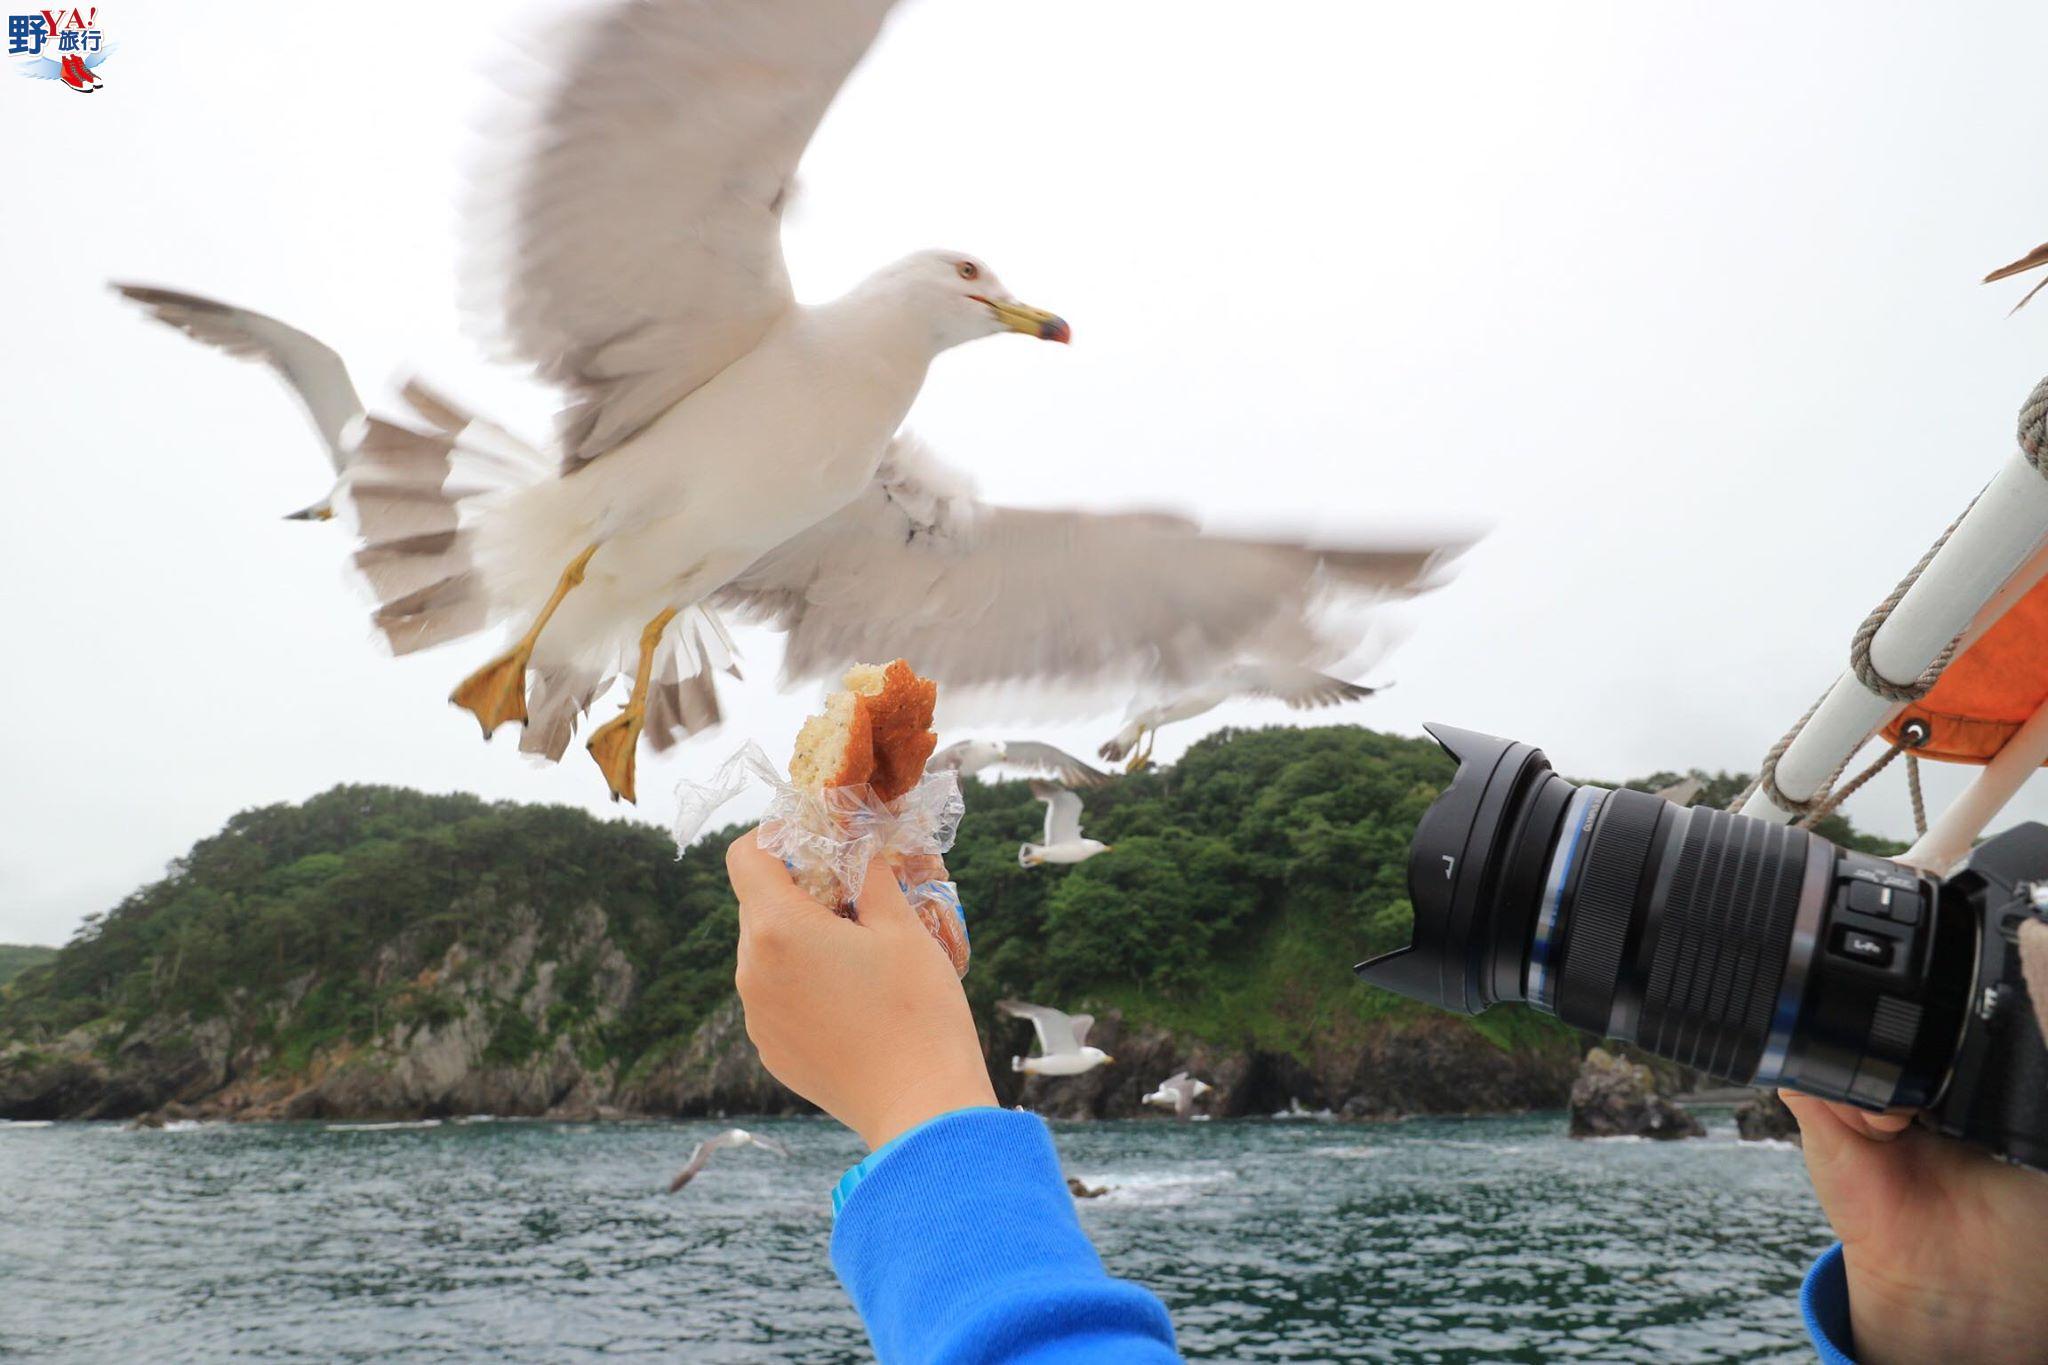 岩手、宮古|淨土之濱 搭船餵海鷗飽覽海岸風光 @YA 野旅行-旅行不需要理由